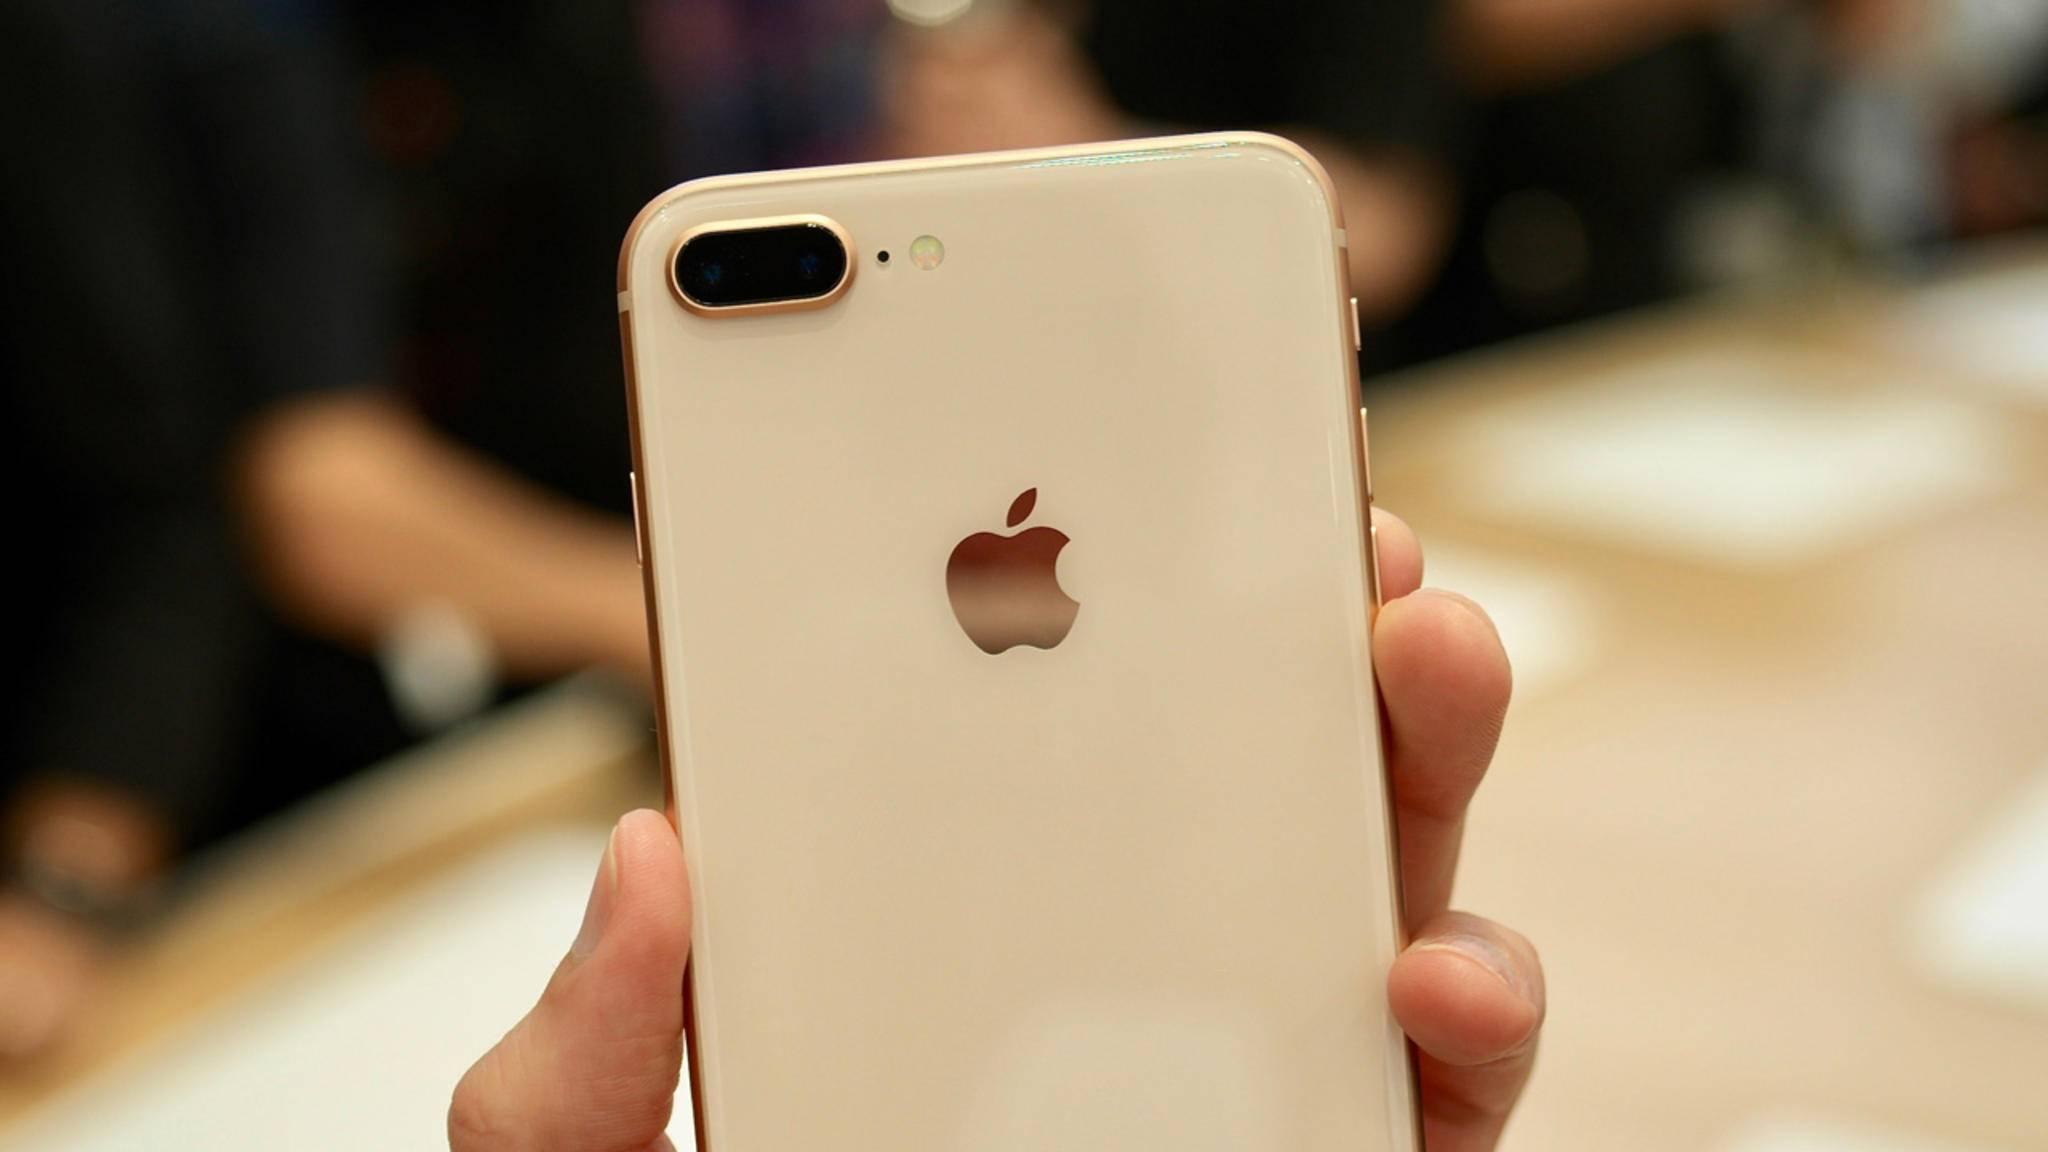 Apple Care+: 229 Euro für iPhone X - 149 Euro für iPhone 8